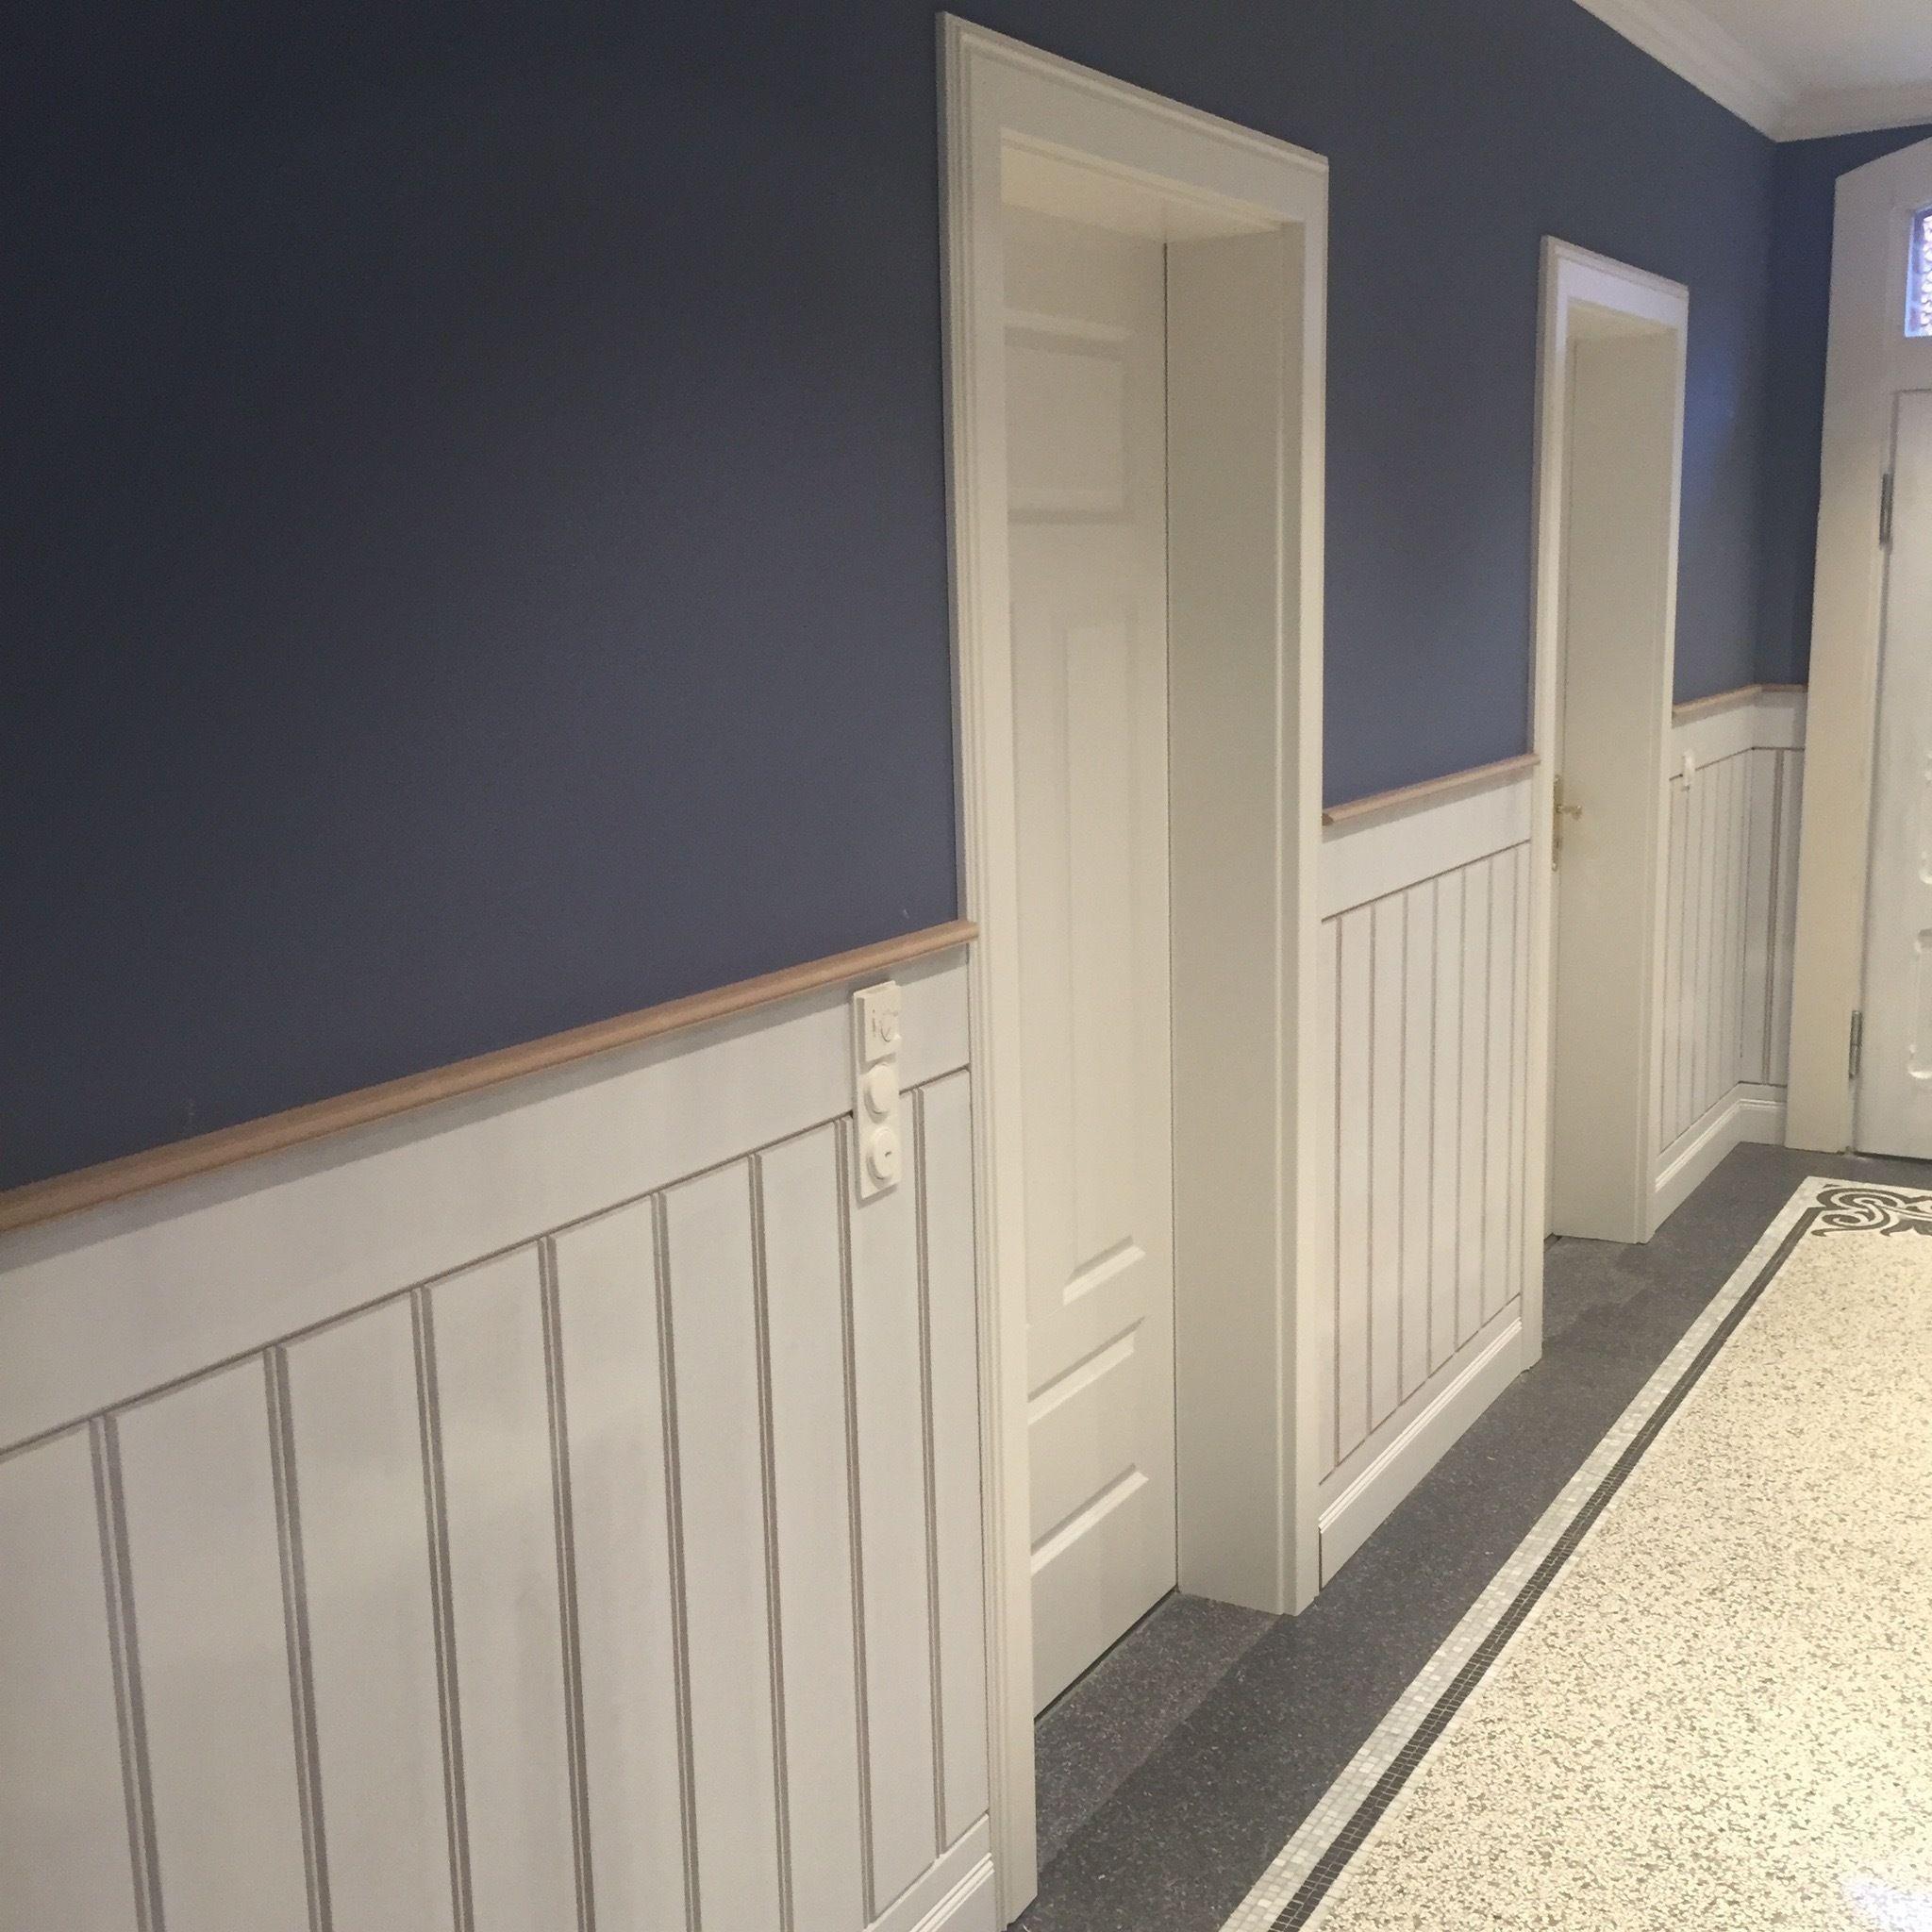 Kreative Gestaltung gefertigt nach Ihren individuellen Vorstellungen Bodenbeläge Wände Türen Decken und